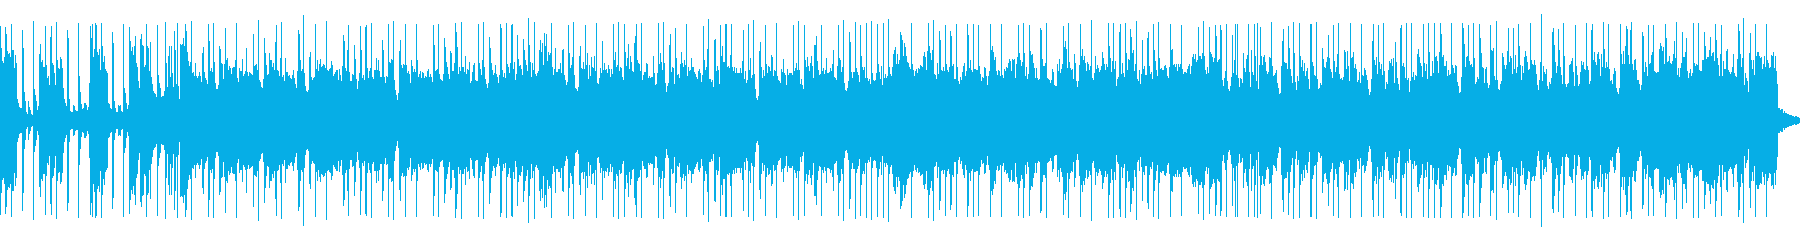 ギターエッジが効いた疾走感あるロックの曲の再生済みの波形